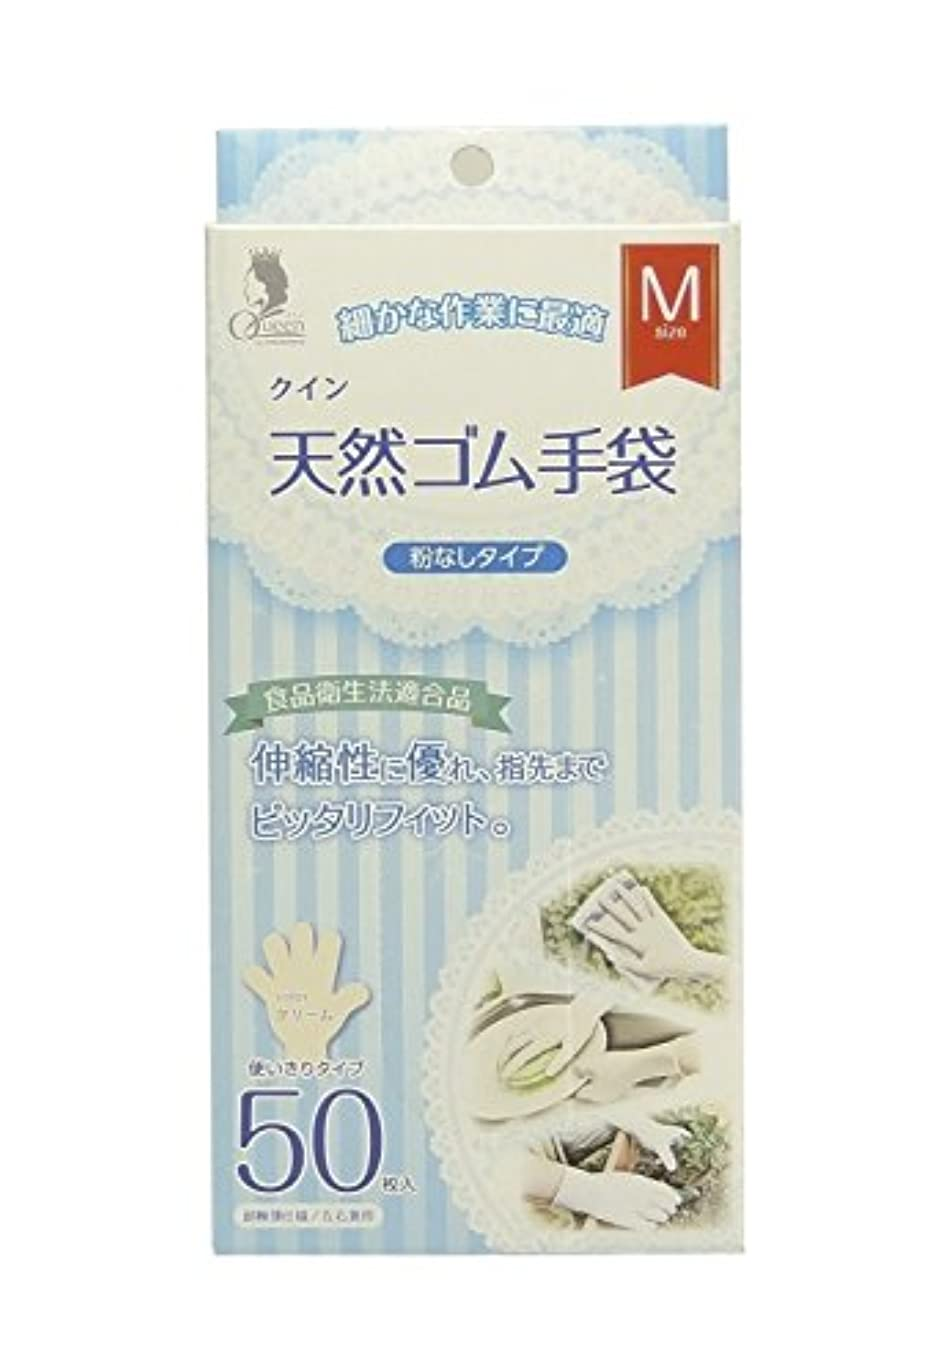 谷保存準備した宇都宮製作 クイン 天然ゴム手袋(パウダーフリー) M 50枚